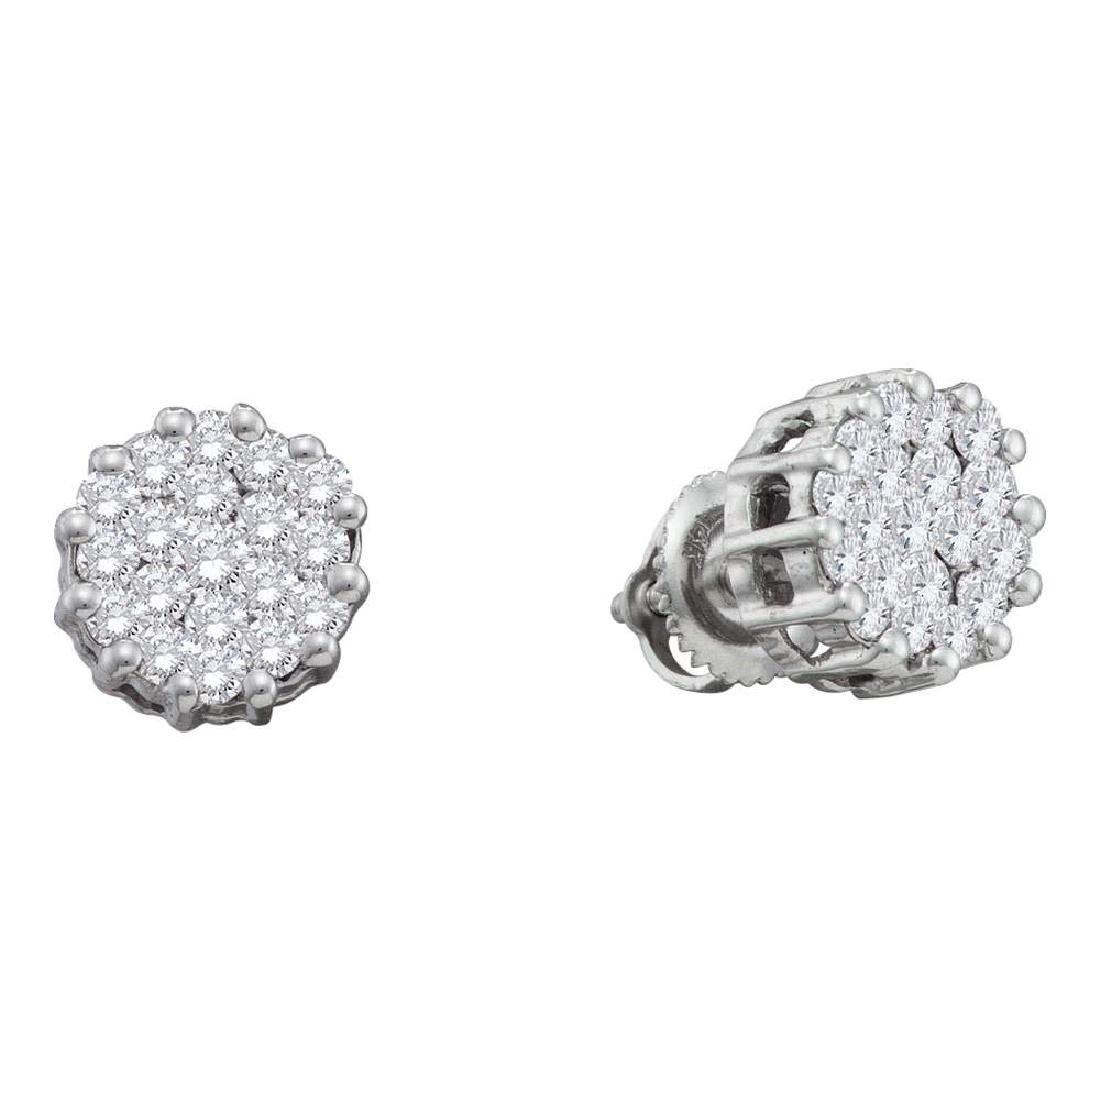 1 CTW Diamond Flower Screwback Earrings 14KT White Gold